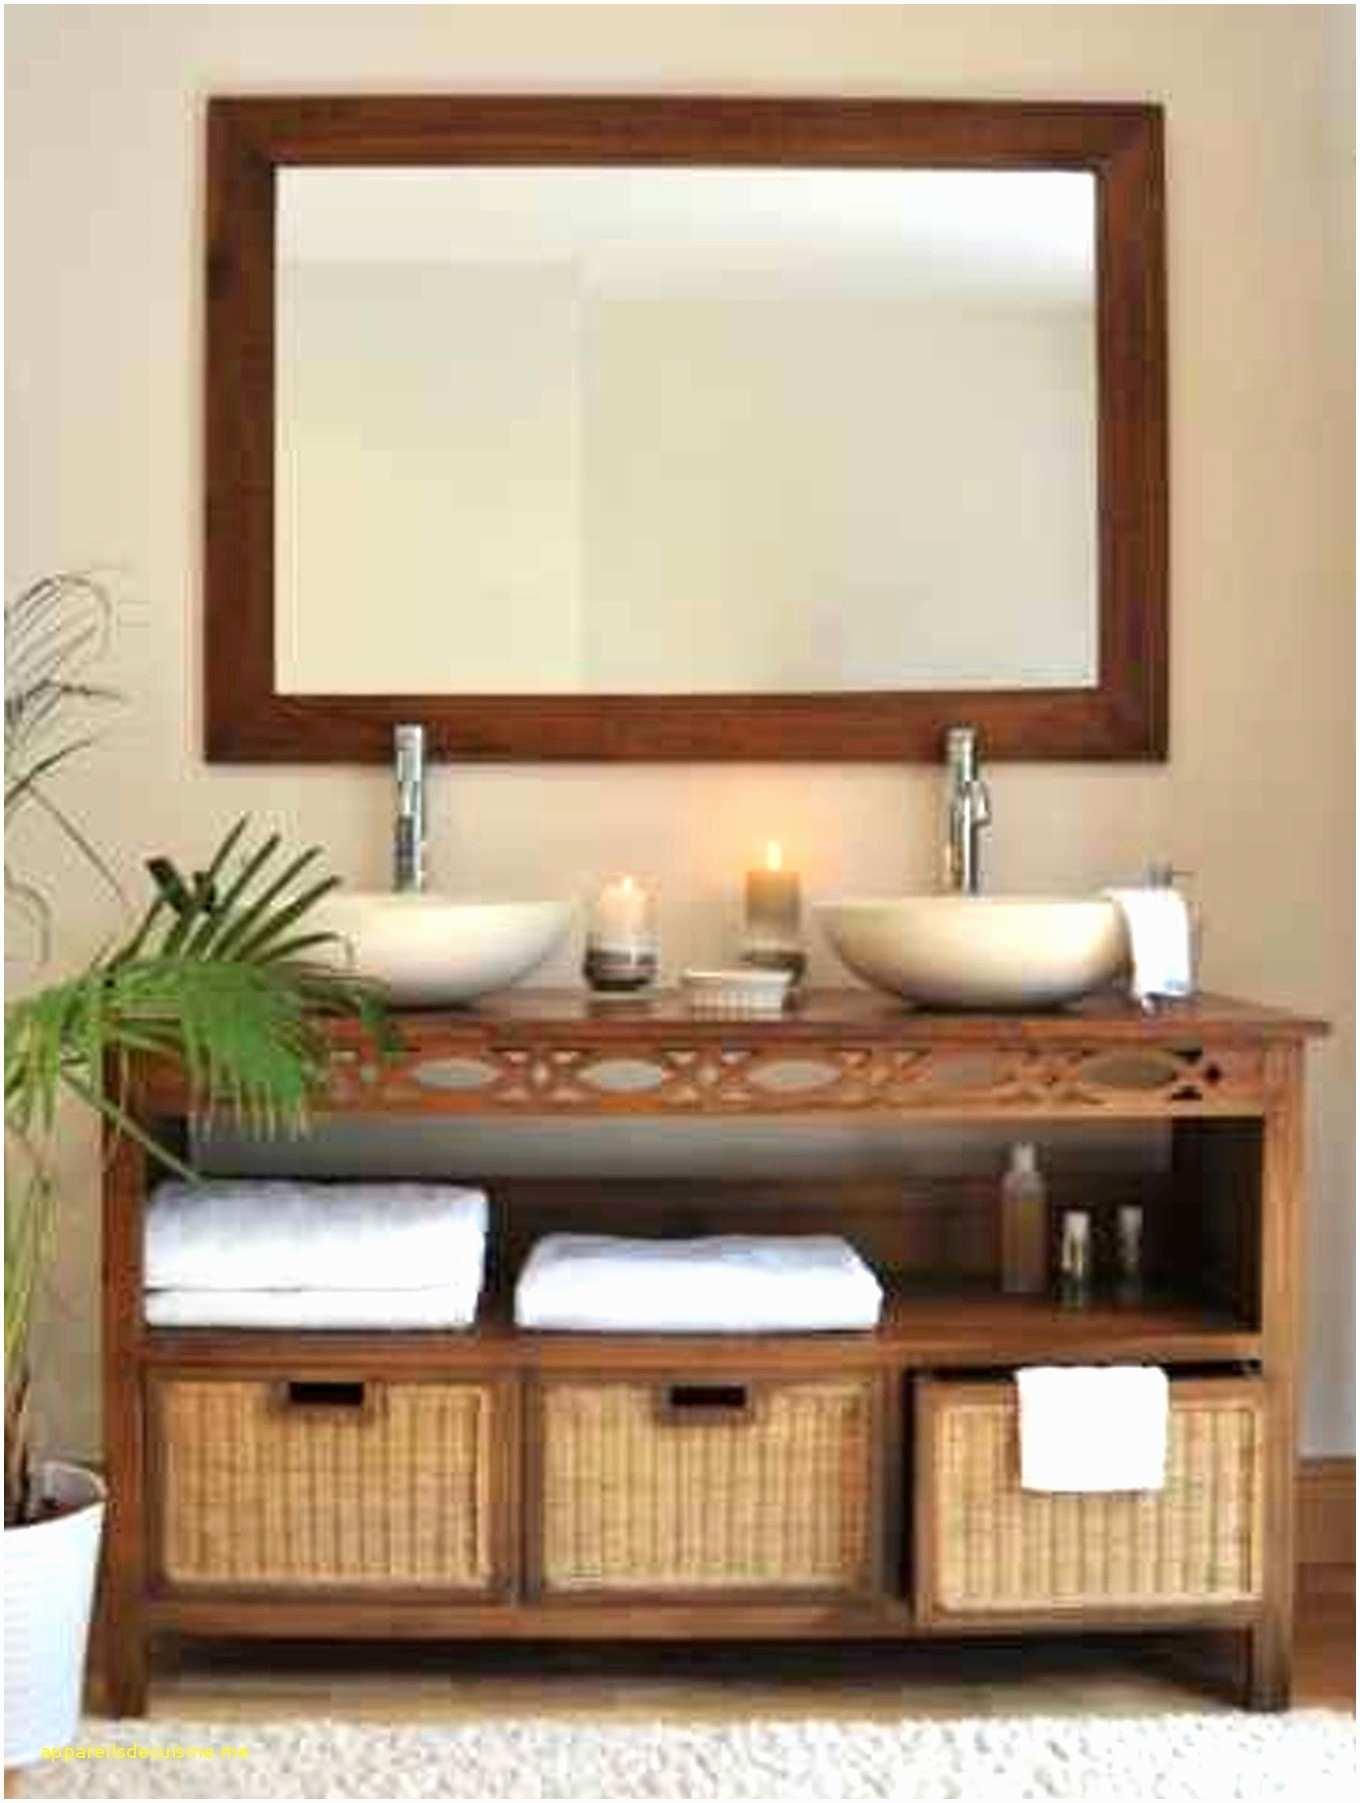 Meuble tv en meuble salle de bain